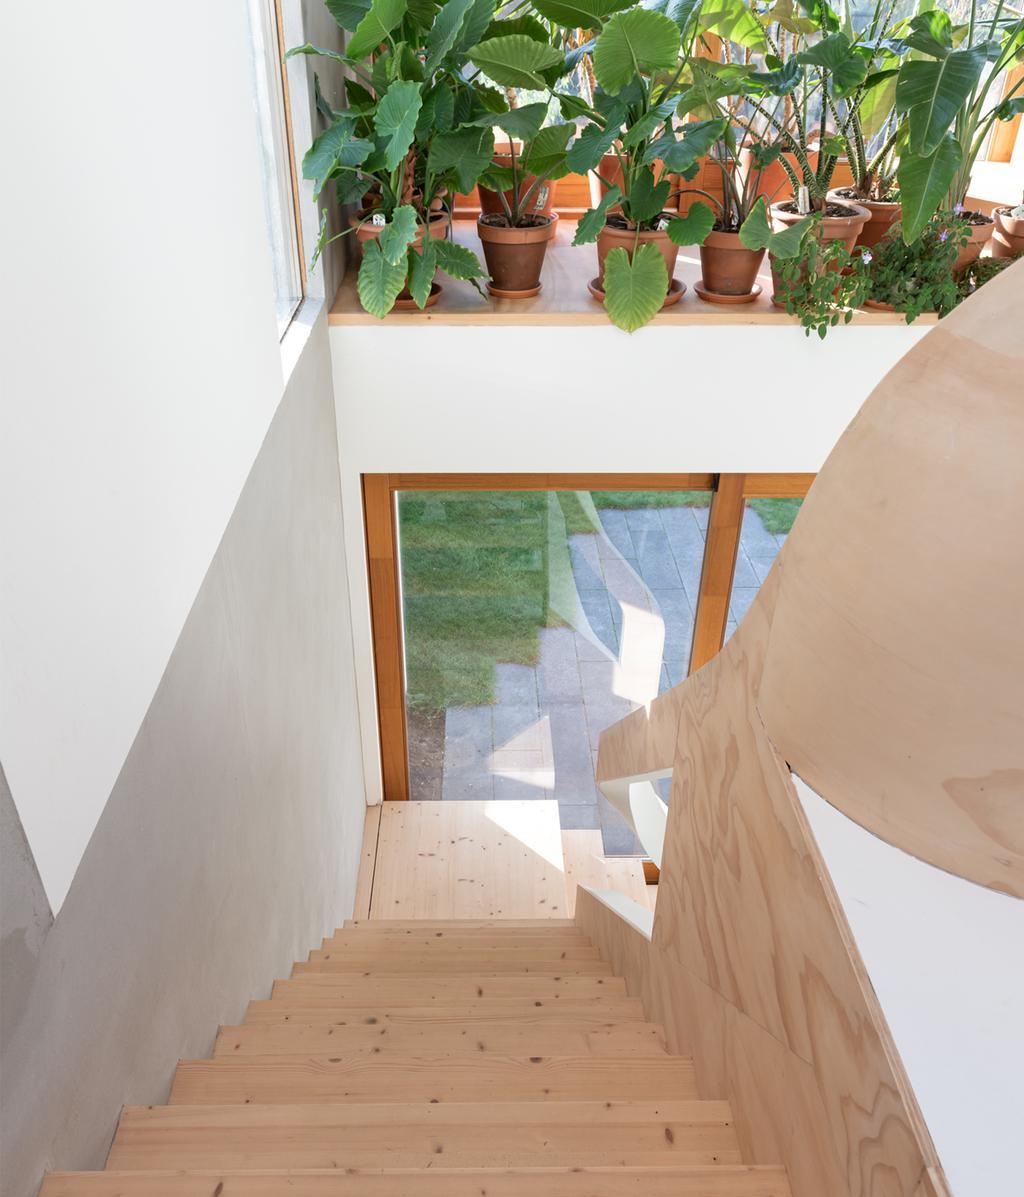 Trappenhuis met planten | vtwonen 01-2021